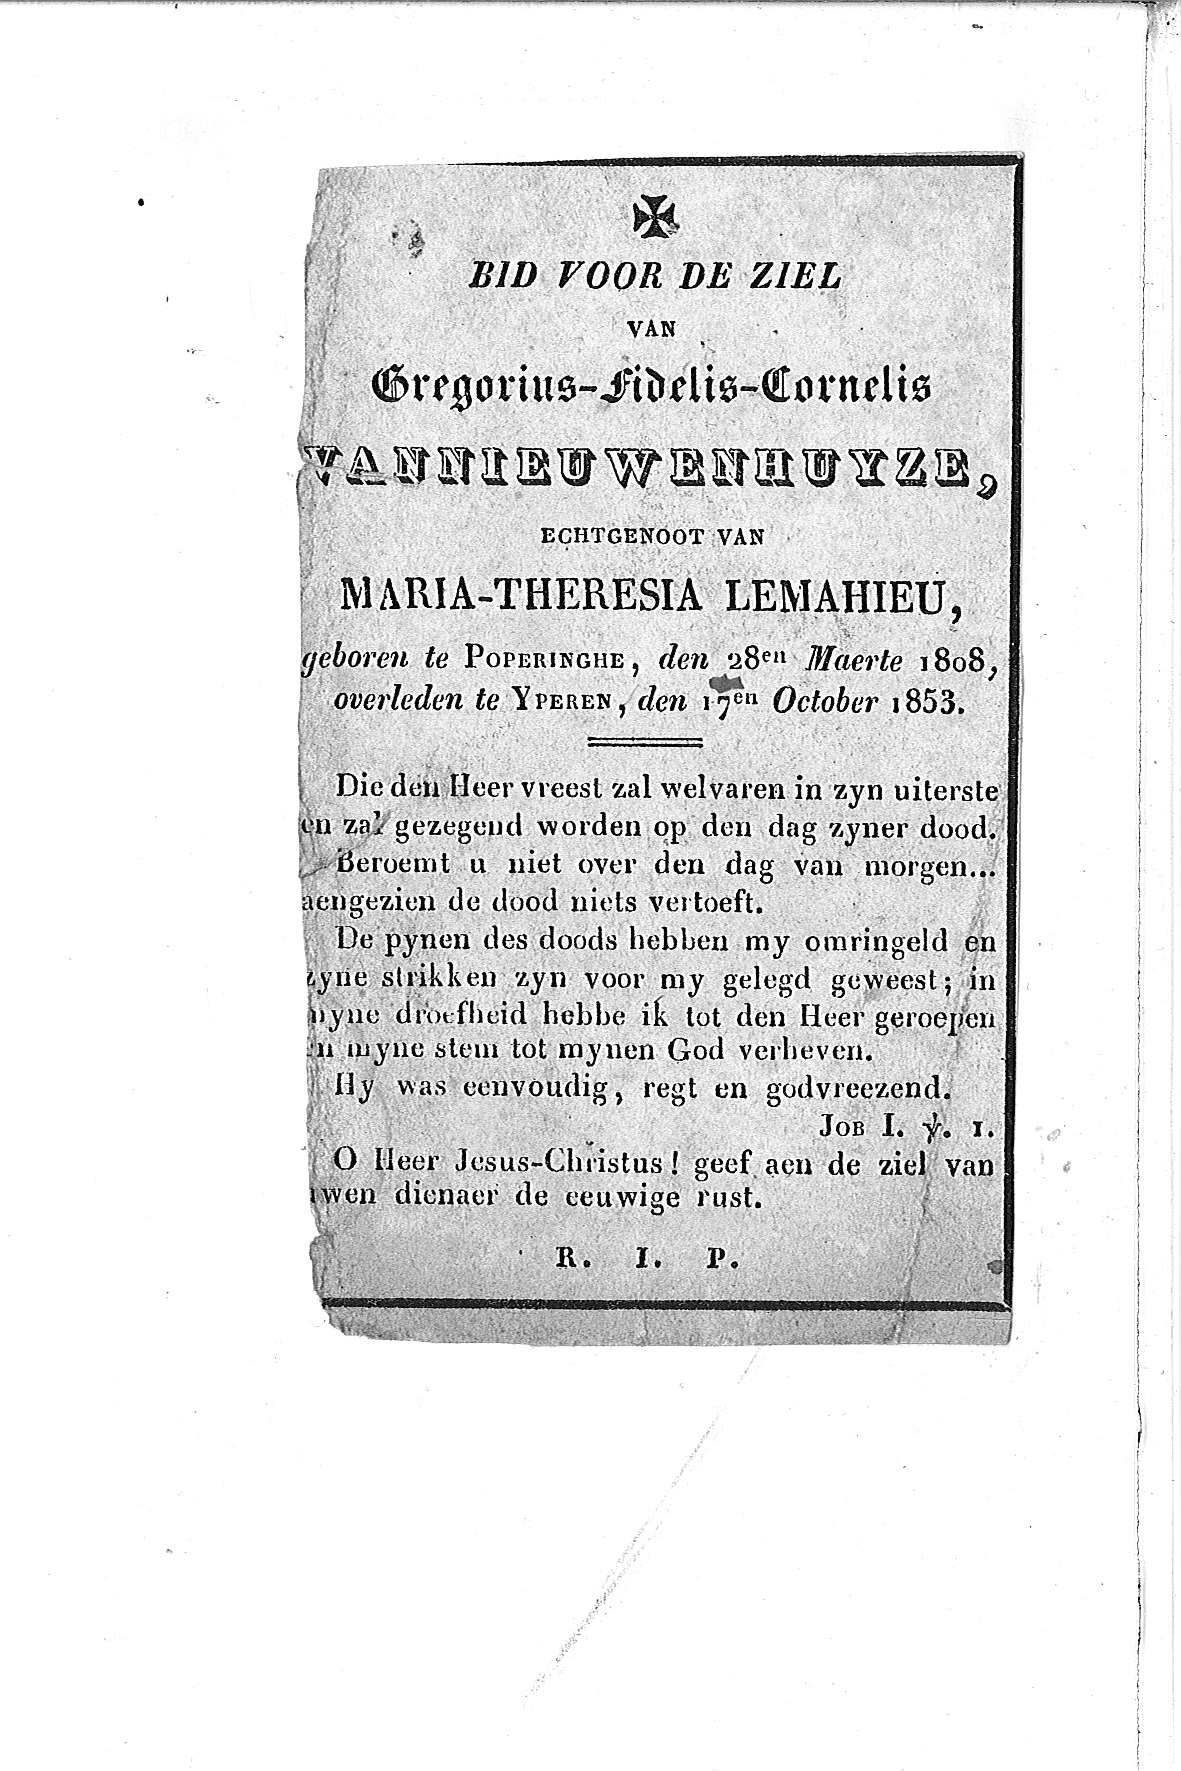 Gregorius-Fidelis-Cornelis(1853)20100628161921_00018.jpg